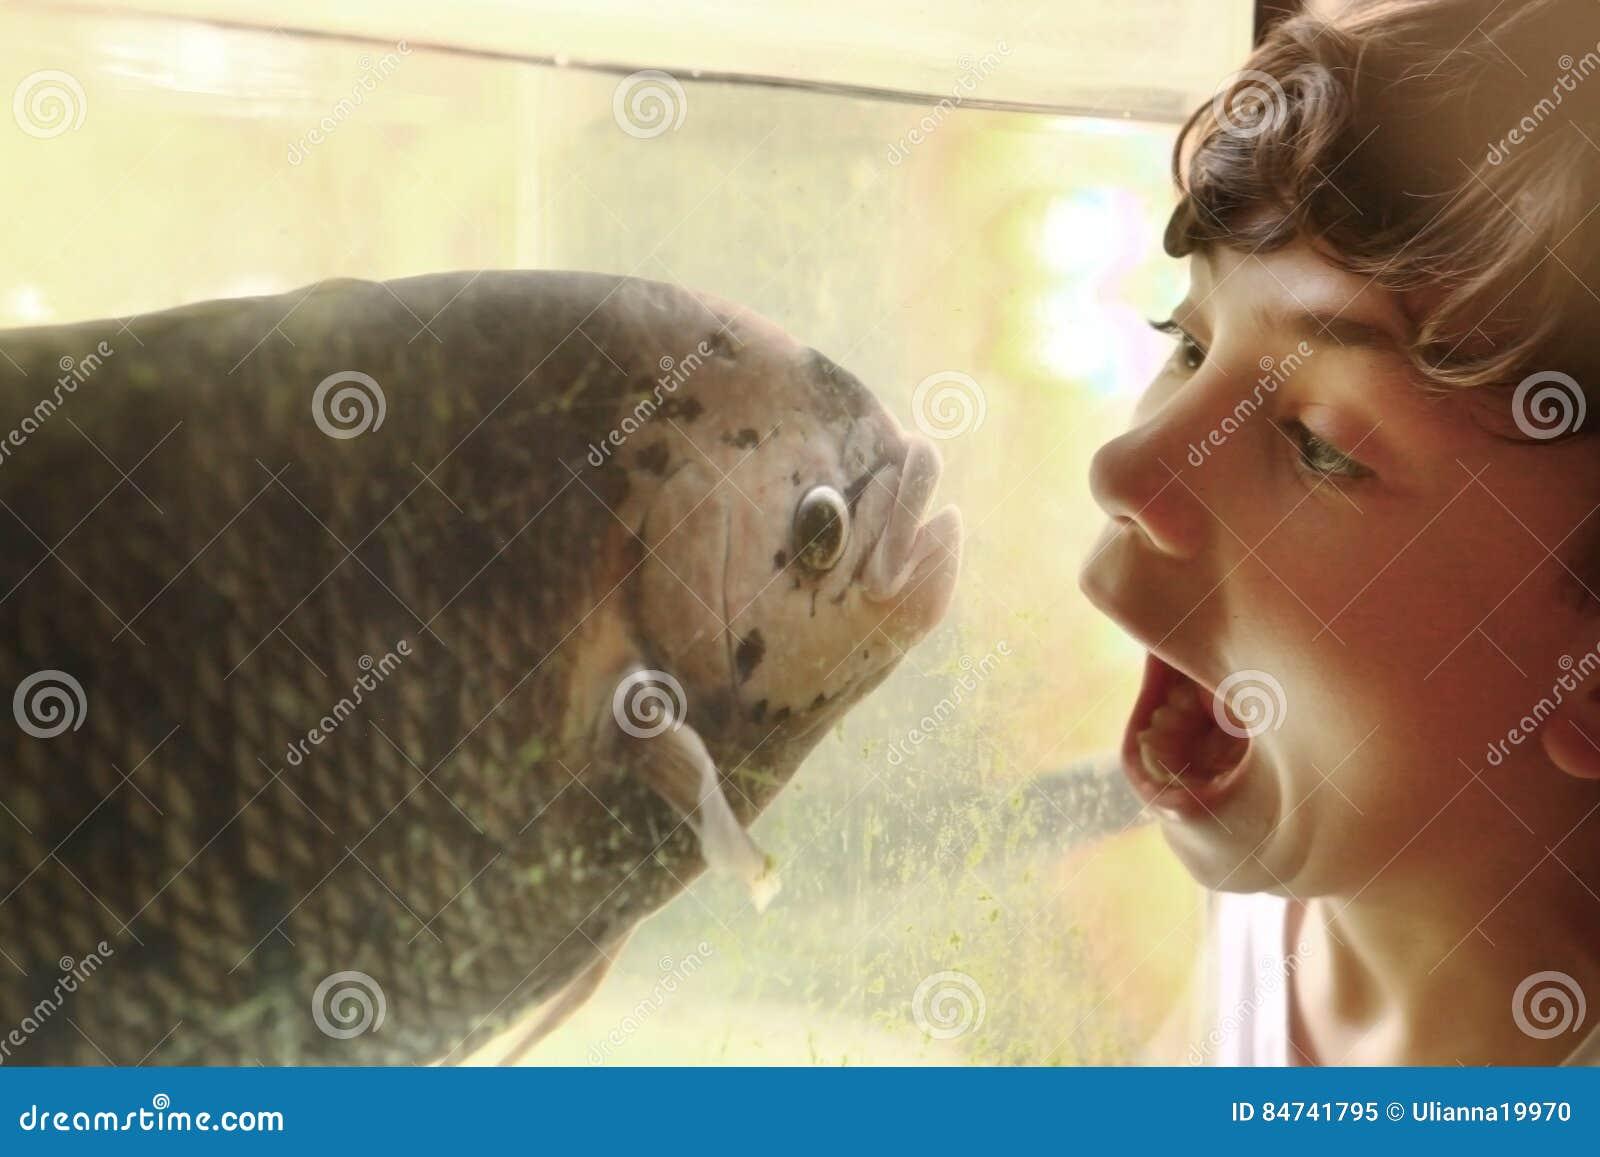 Nastoletnia chłopiec wyśmiewa ryba w akwarium